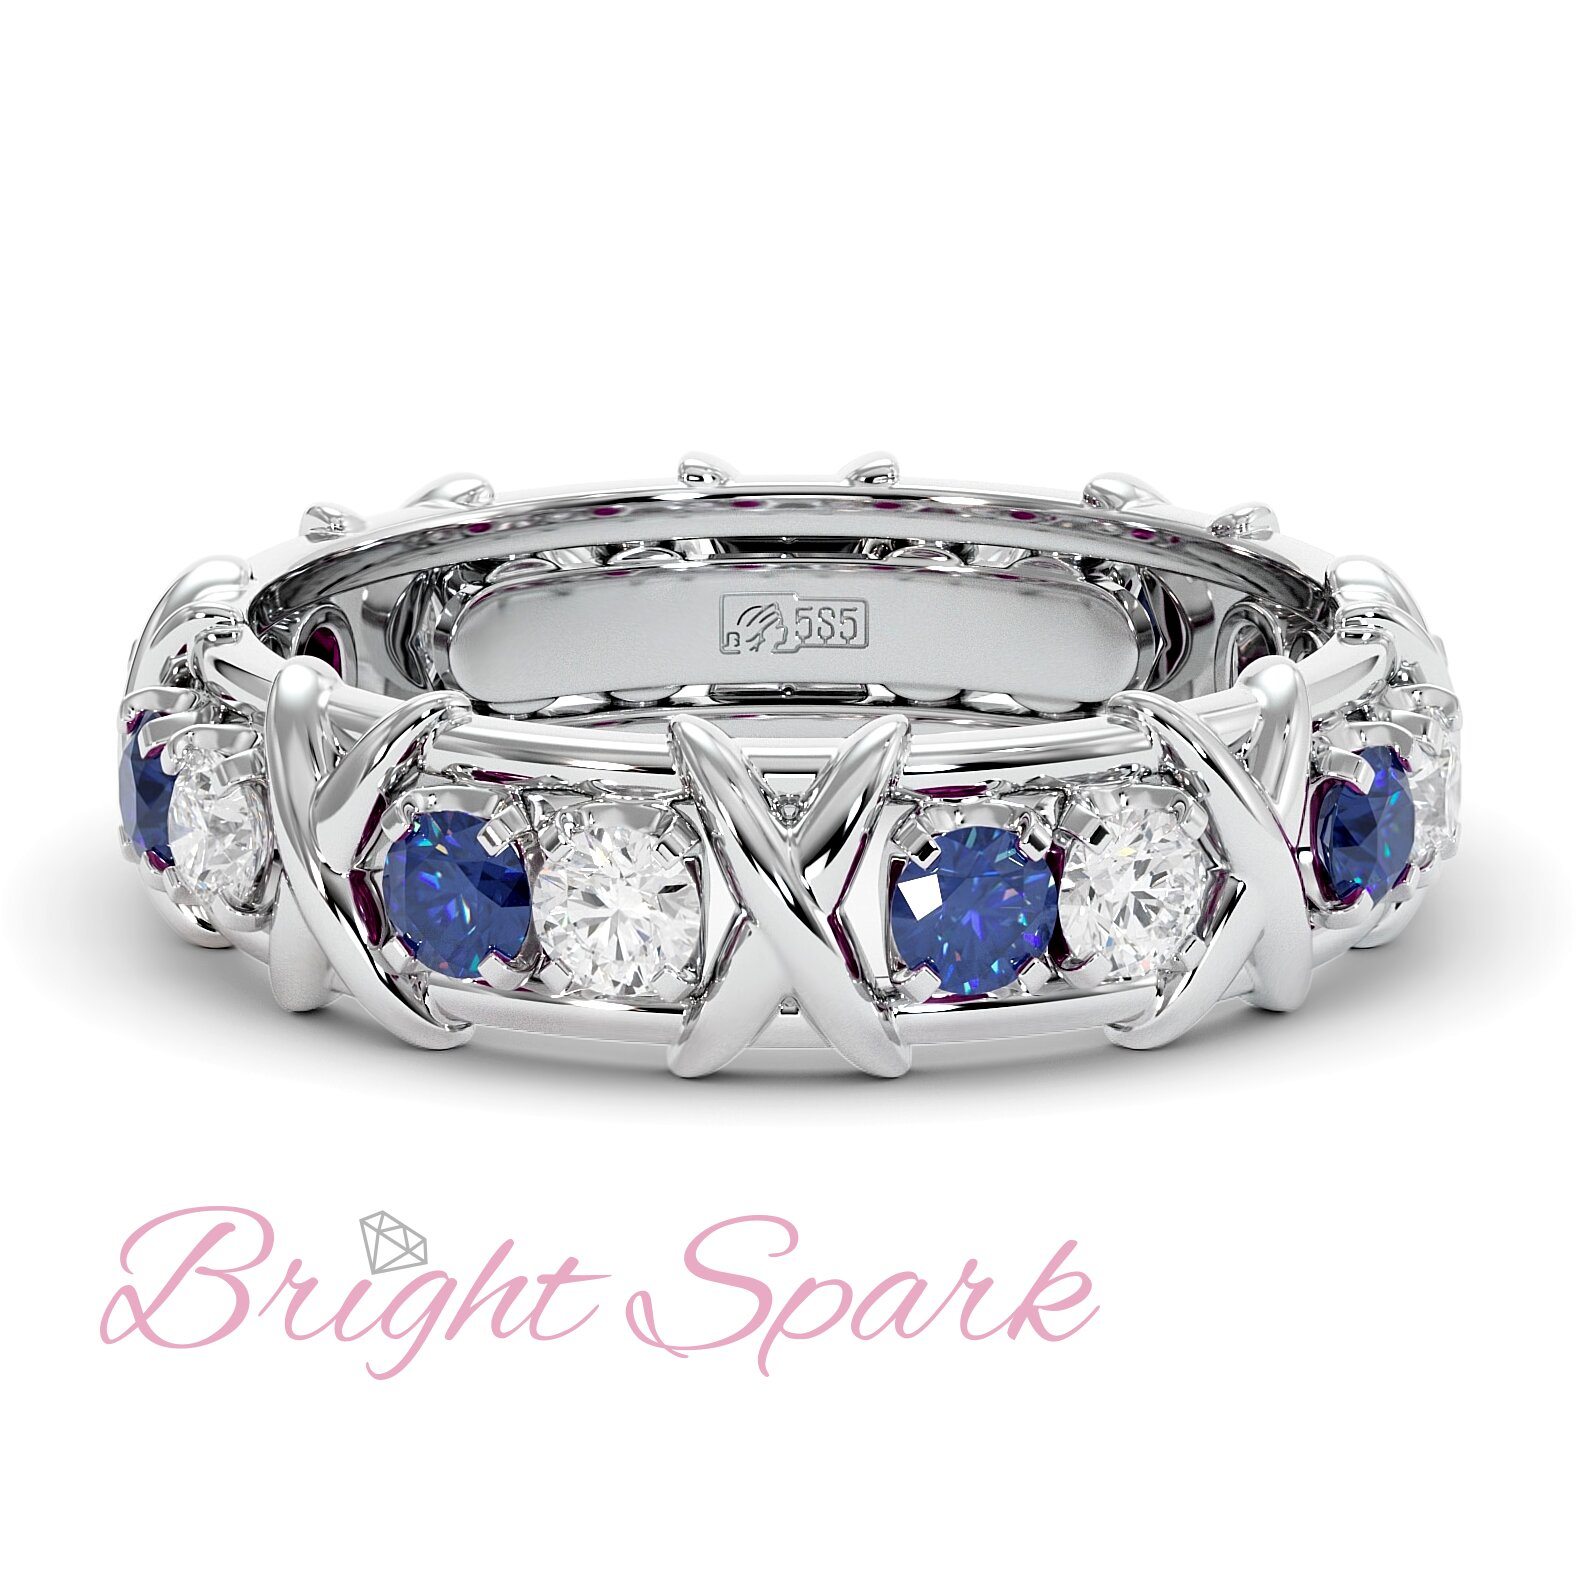 Золотое кольцо с иксами  и синими сапфирами Tiffany Sixteen Stones by Schlumberger